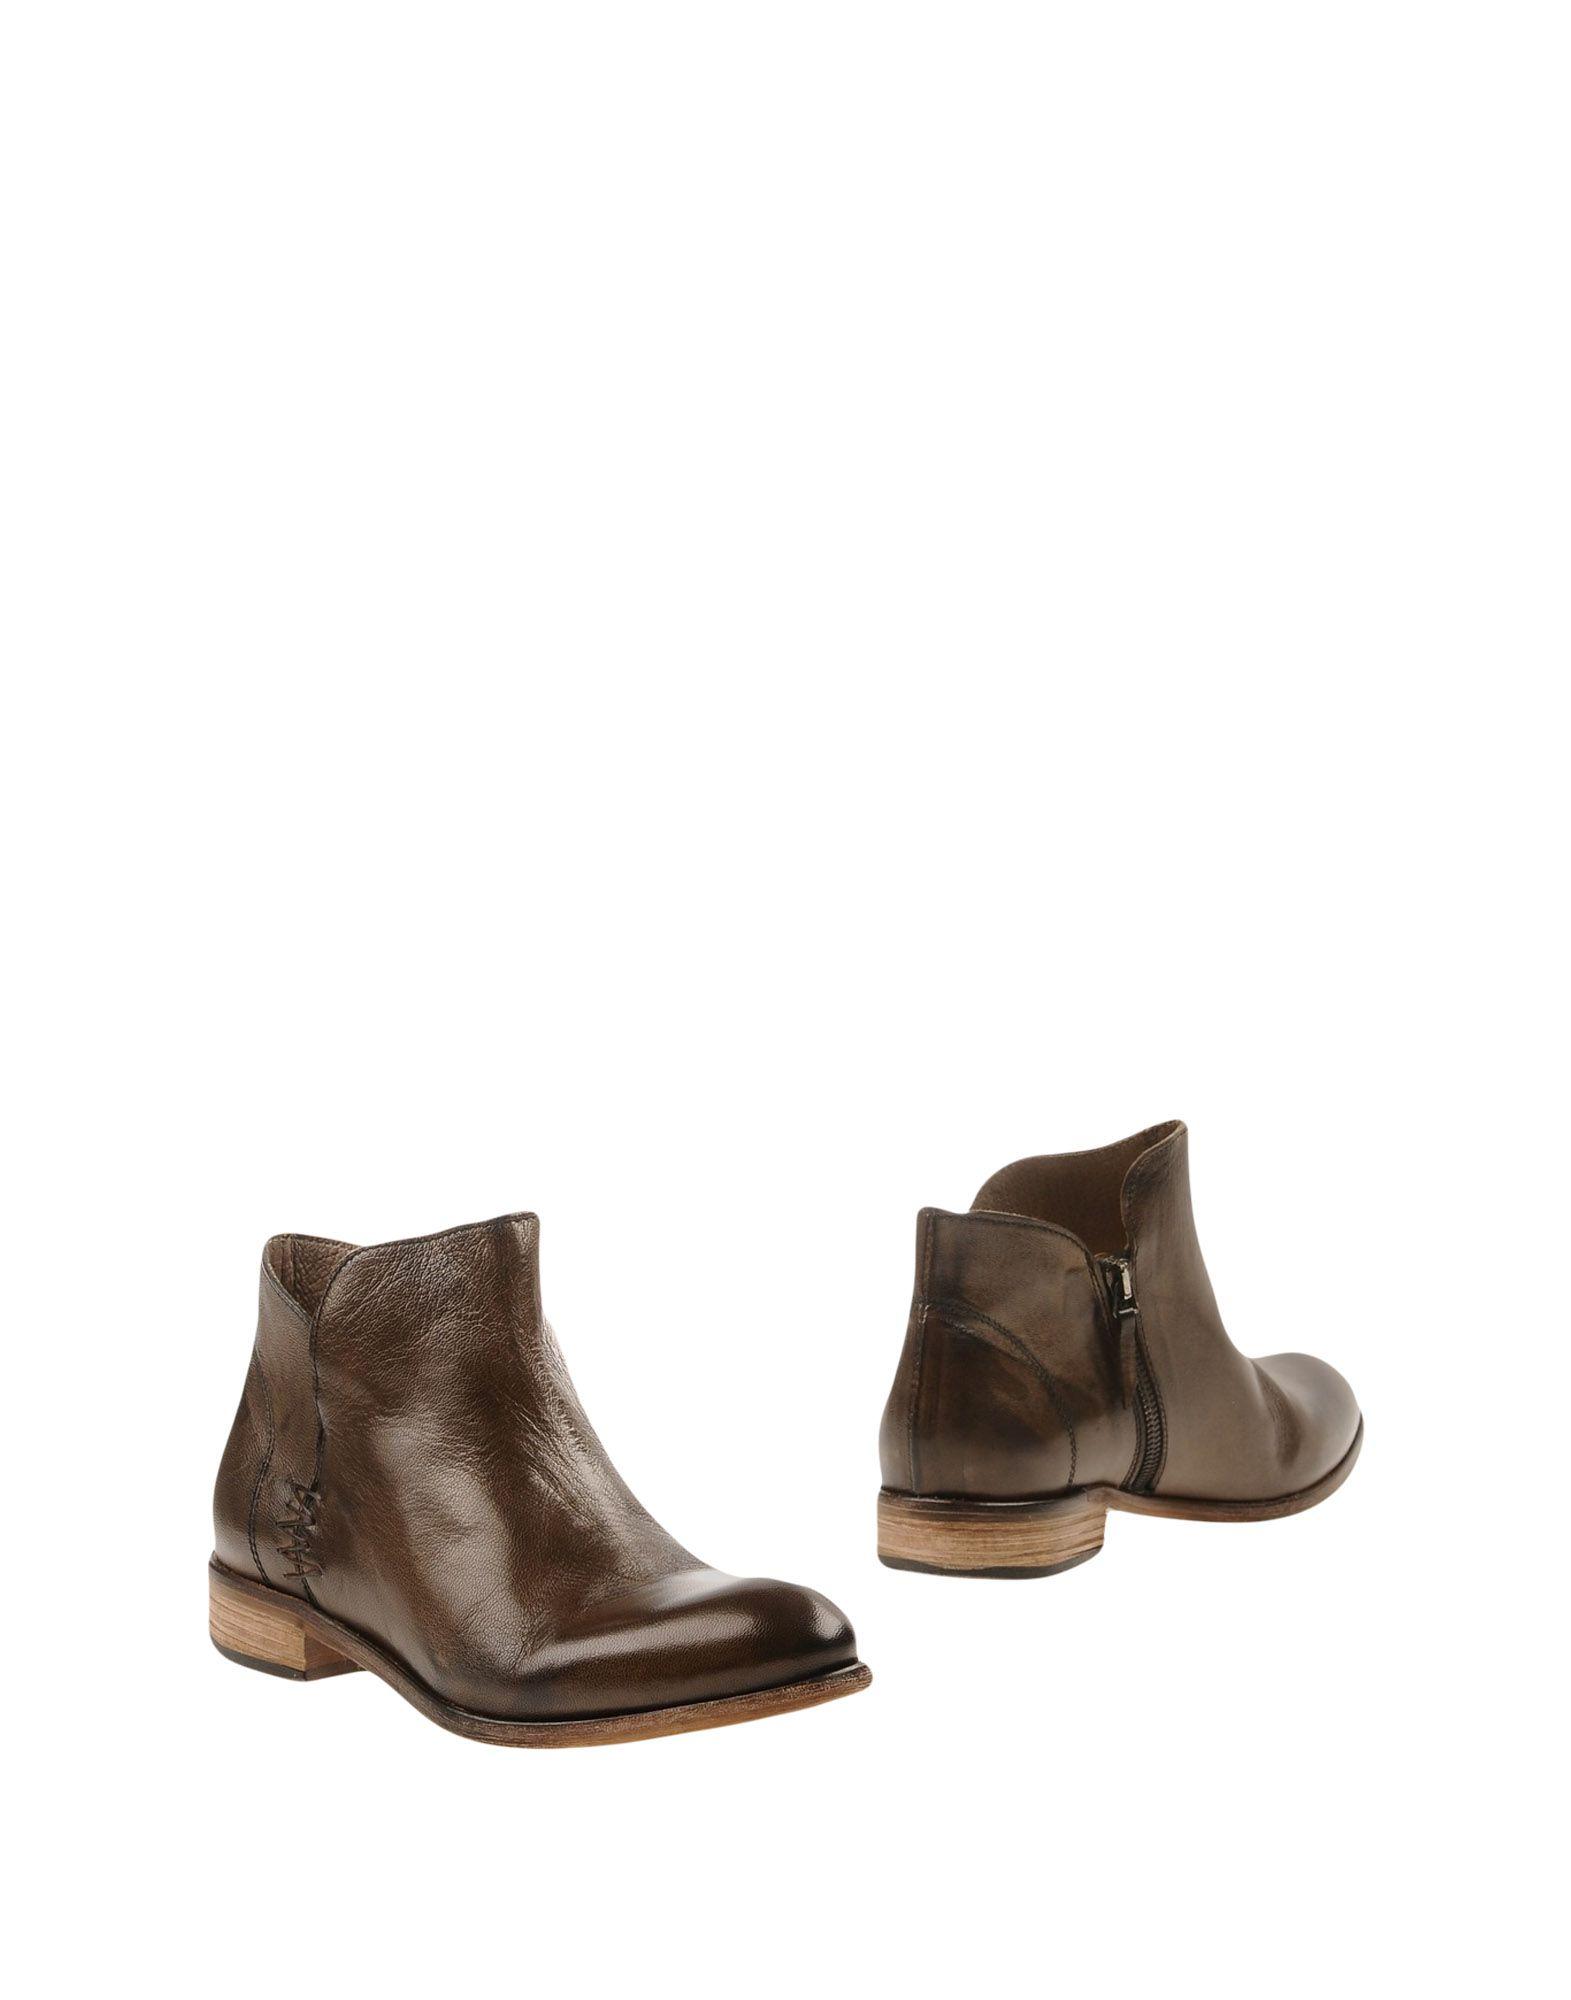 CAVALLINI Полусапоги и высокие ботинки цены онлайн